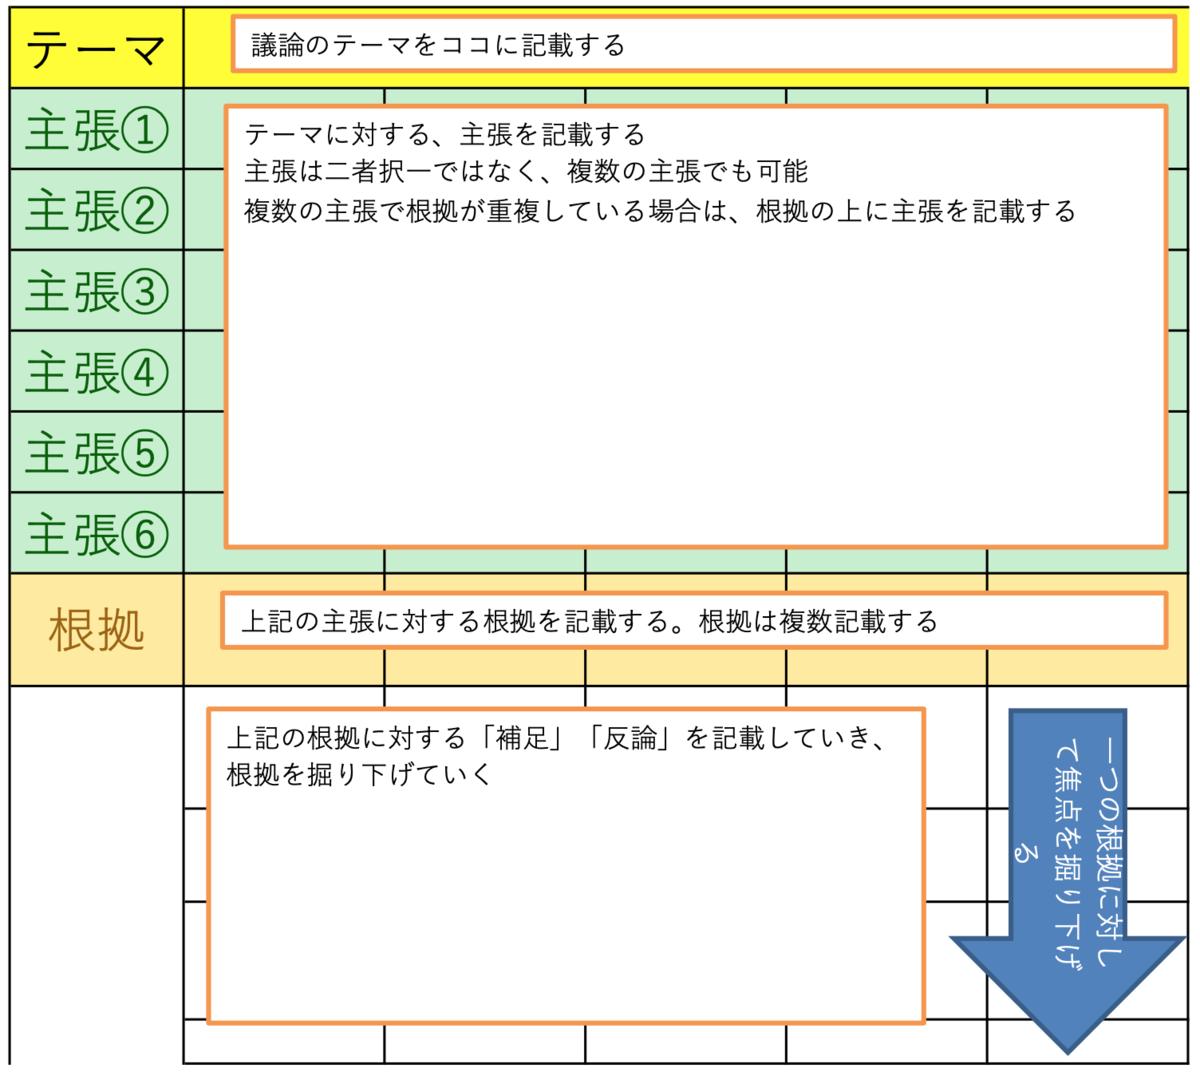 f:id:hiro10101:20200216231901p:plain